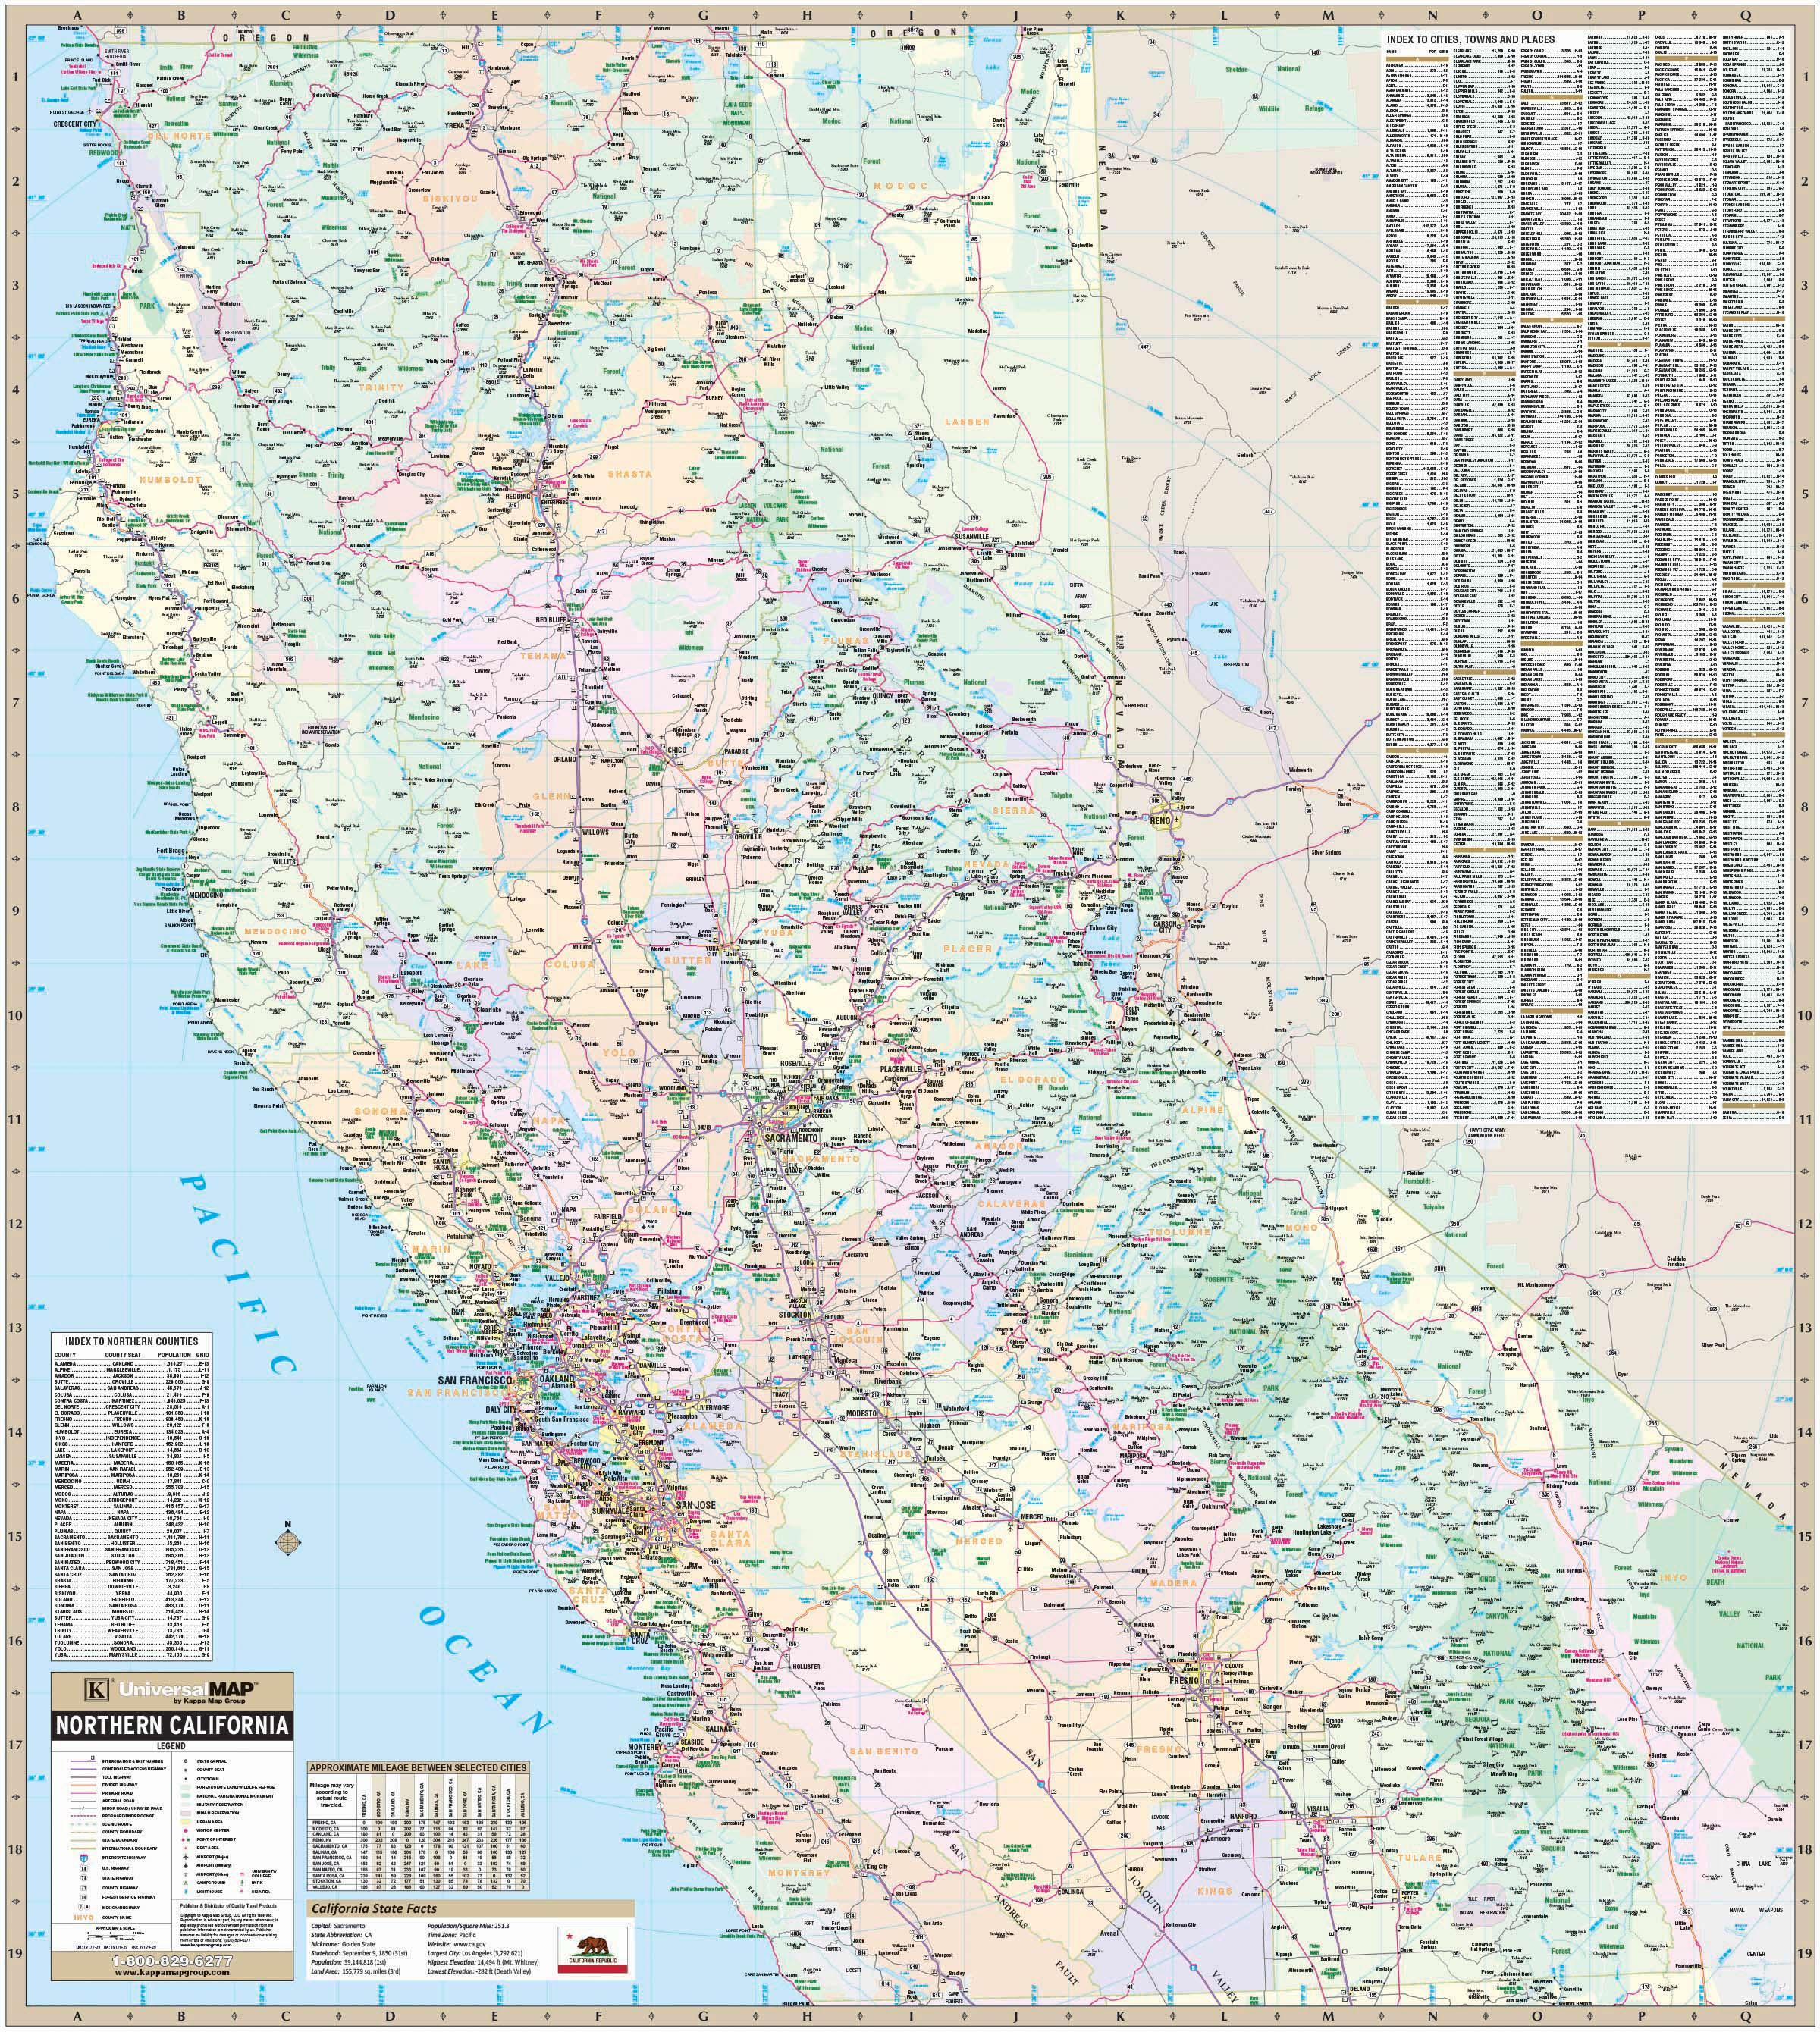 California State North Wall Map – Kappa Map Group - California Wall Map